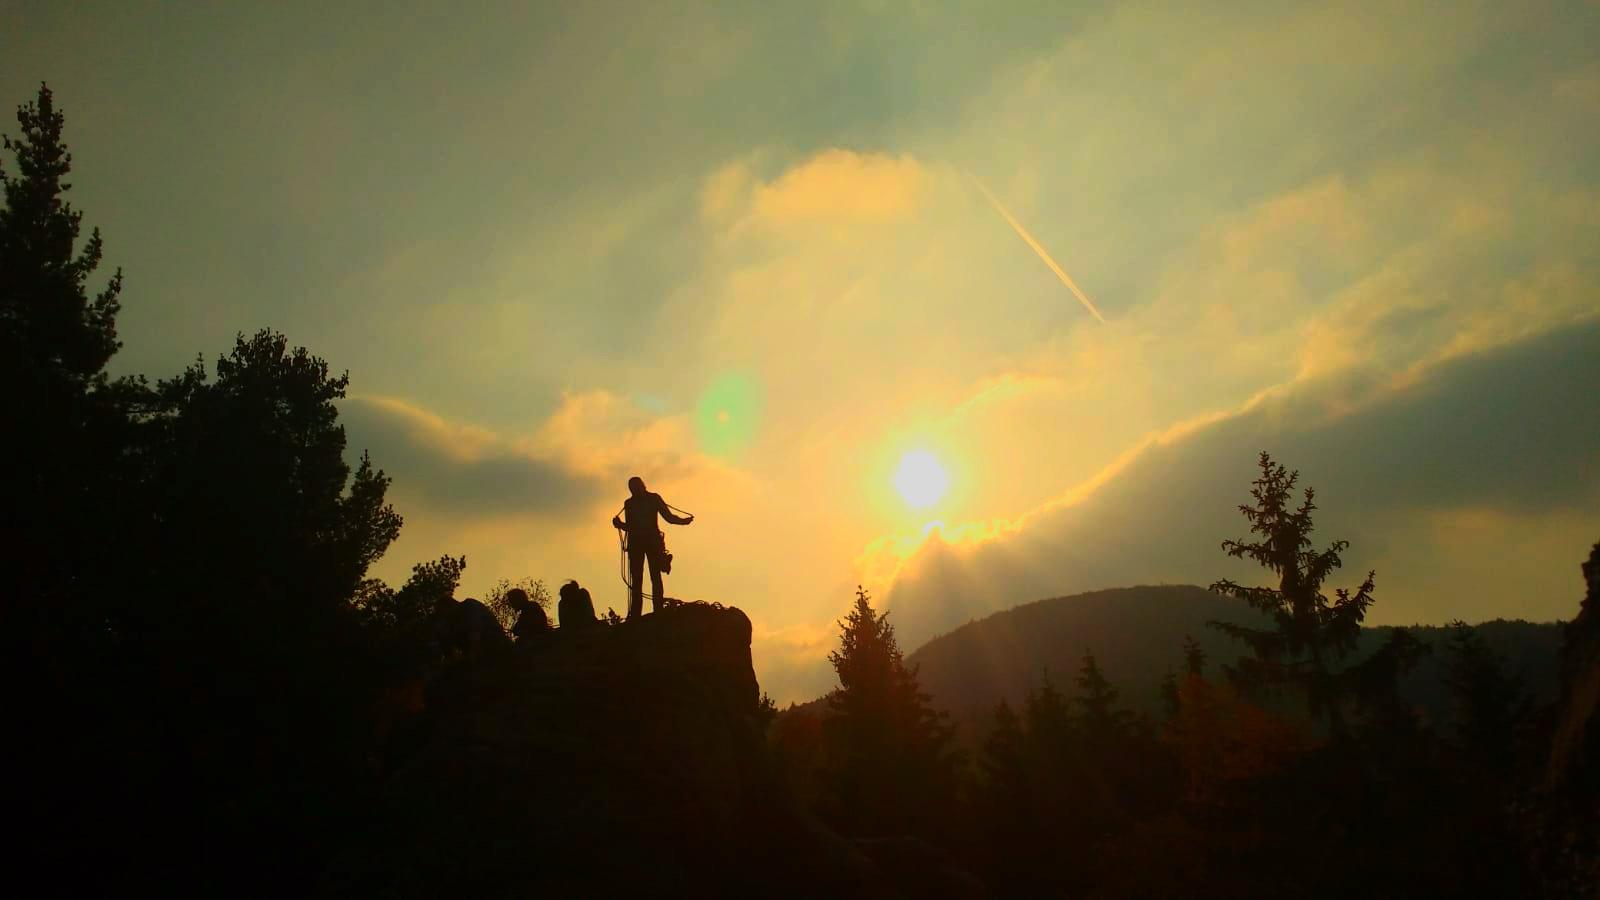 Siluette Gipfelerlebnis vor dramatischen Sonnenuntergang